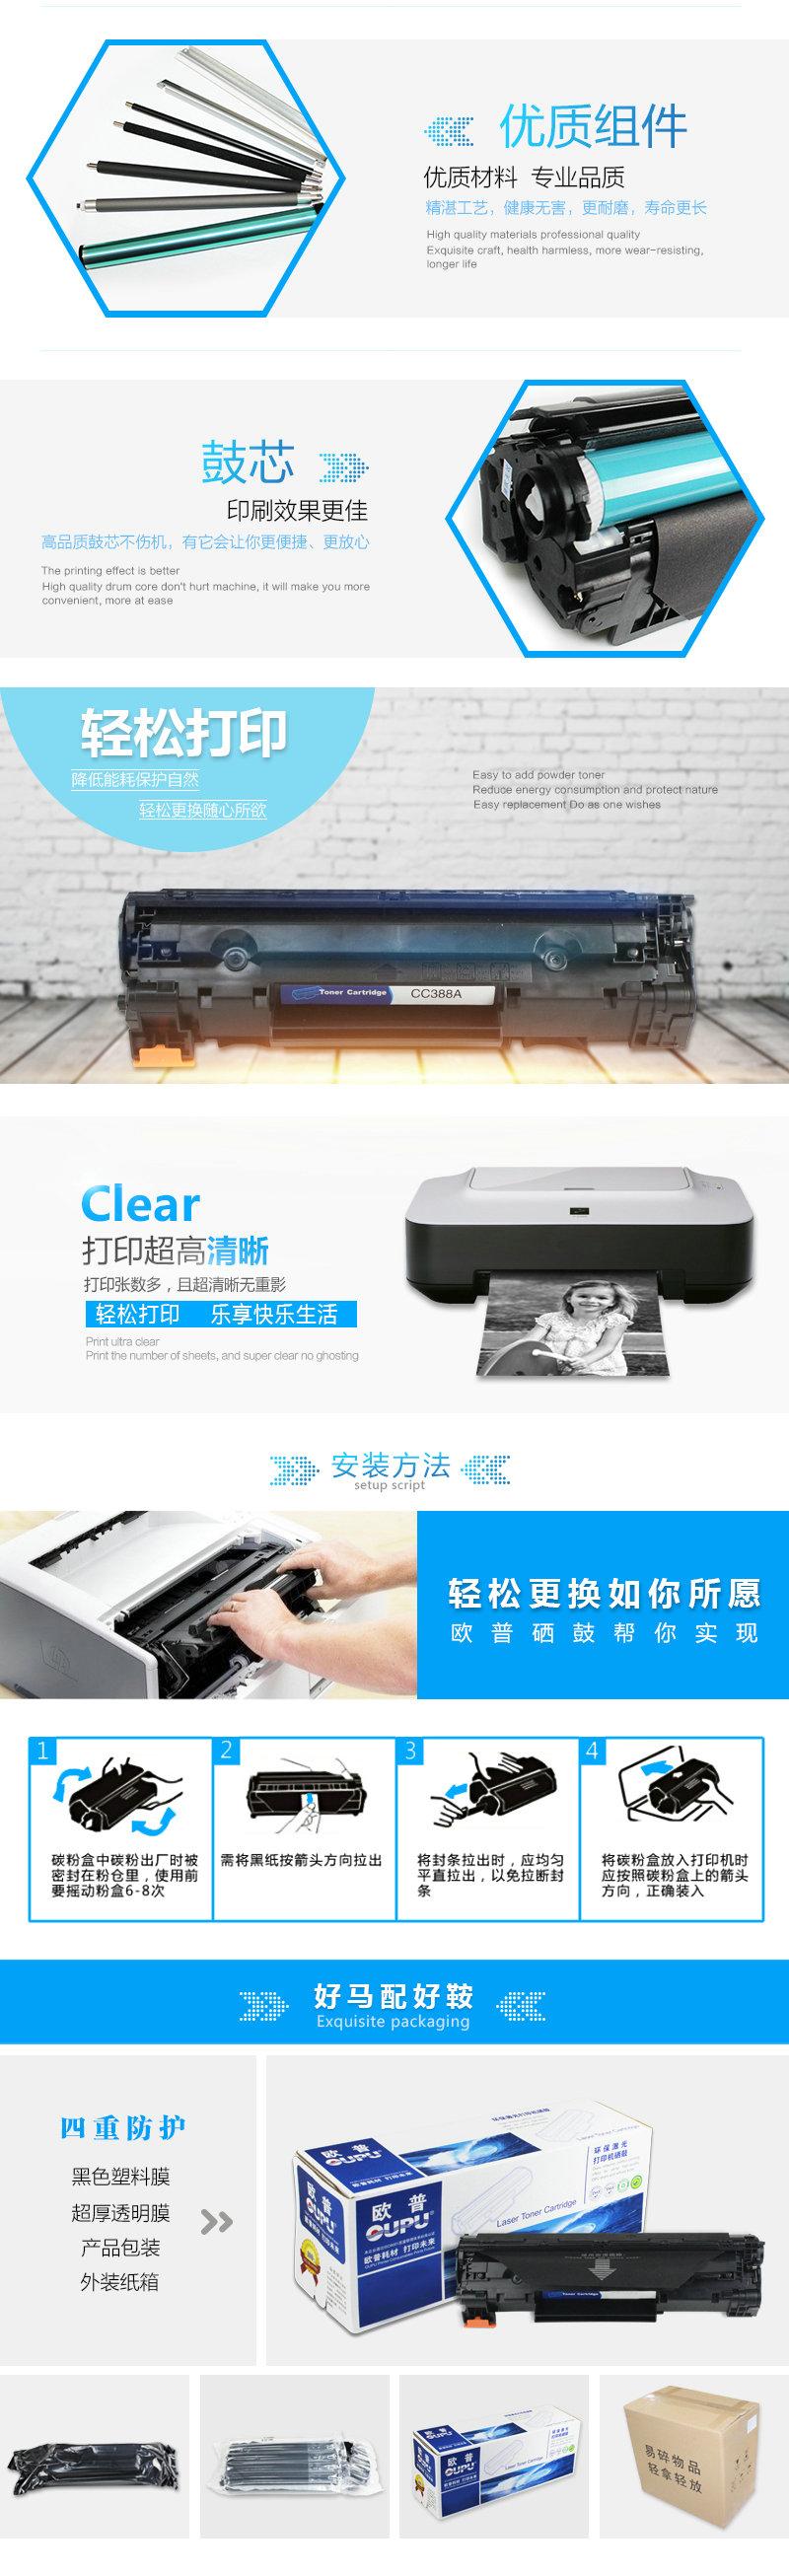 欧普CC388A打印机万博体育手机官网登录-普通2